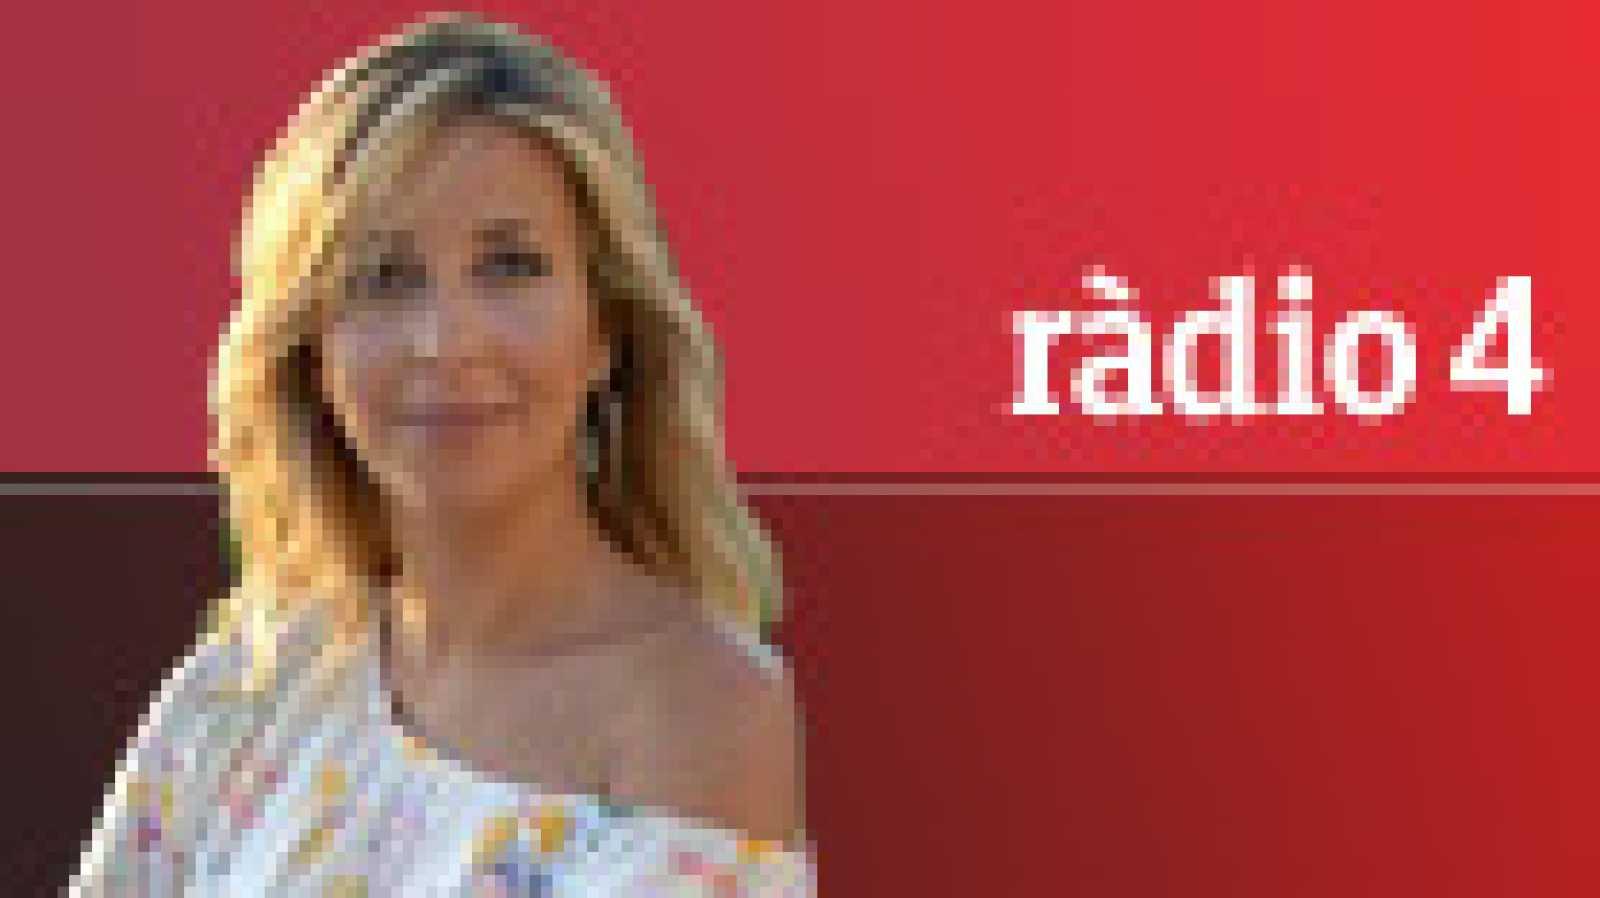 Directe 4.0 -  La Catifa Vermella: estrenes cinematogràfiques de la setmana. Canvi De Xip parlarem amb Iolanda Fresnillo